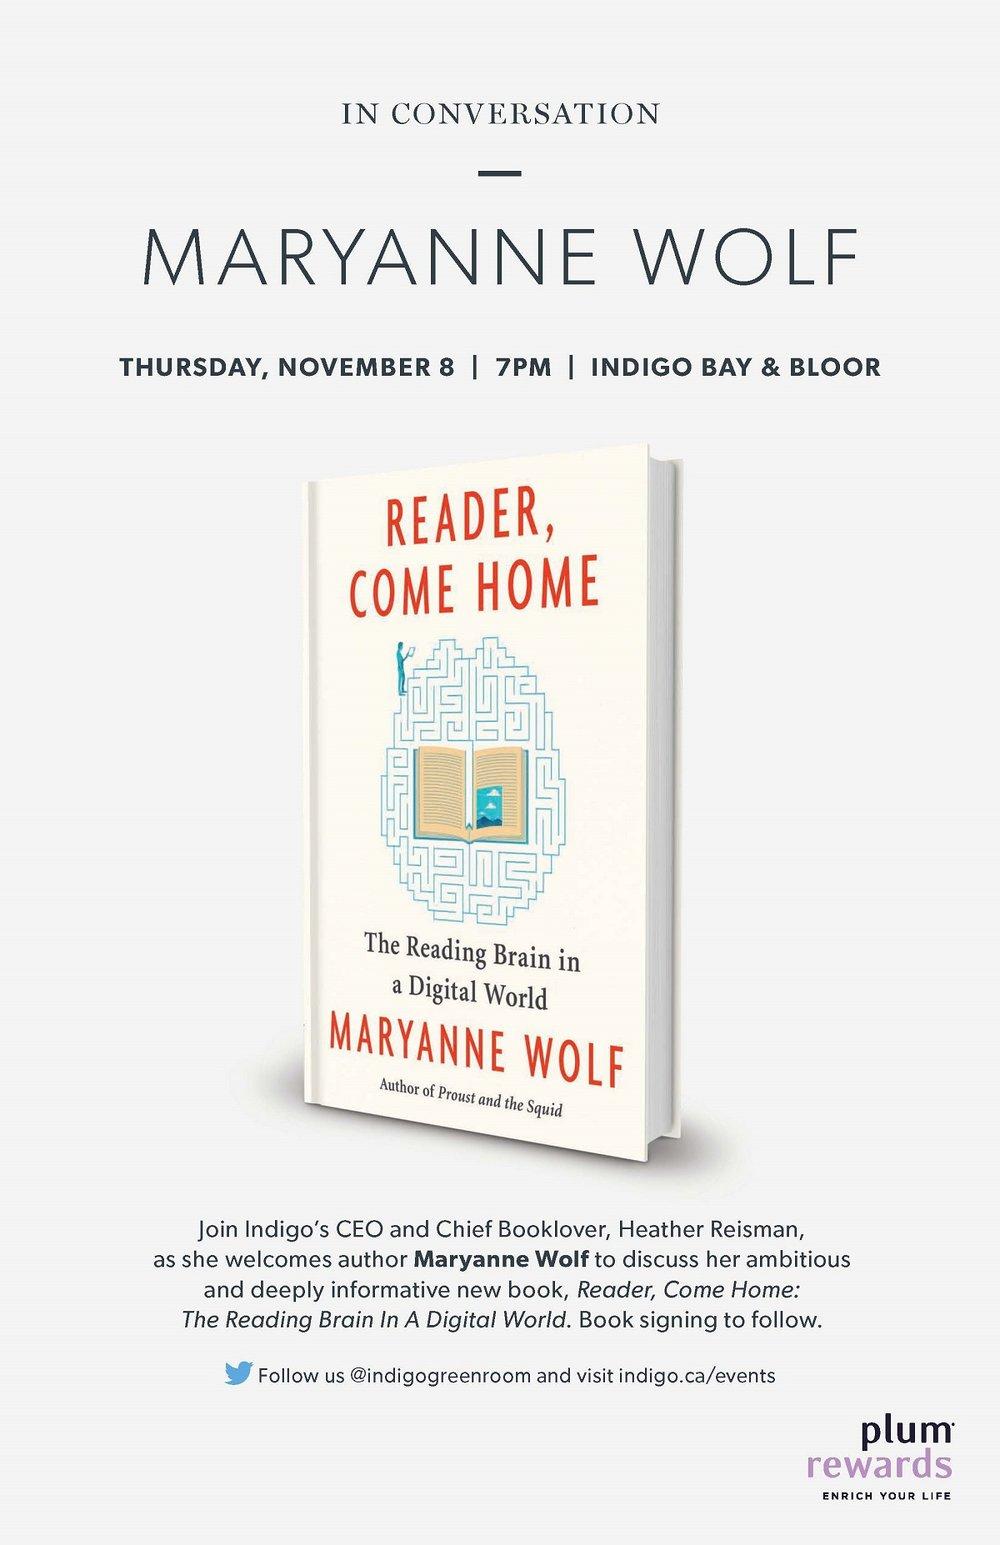 Maryanne Wolf Indigo Event_11x17.jpg